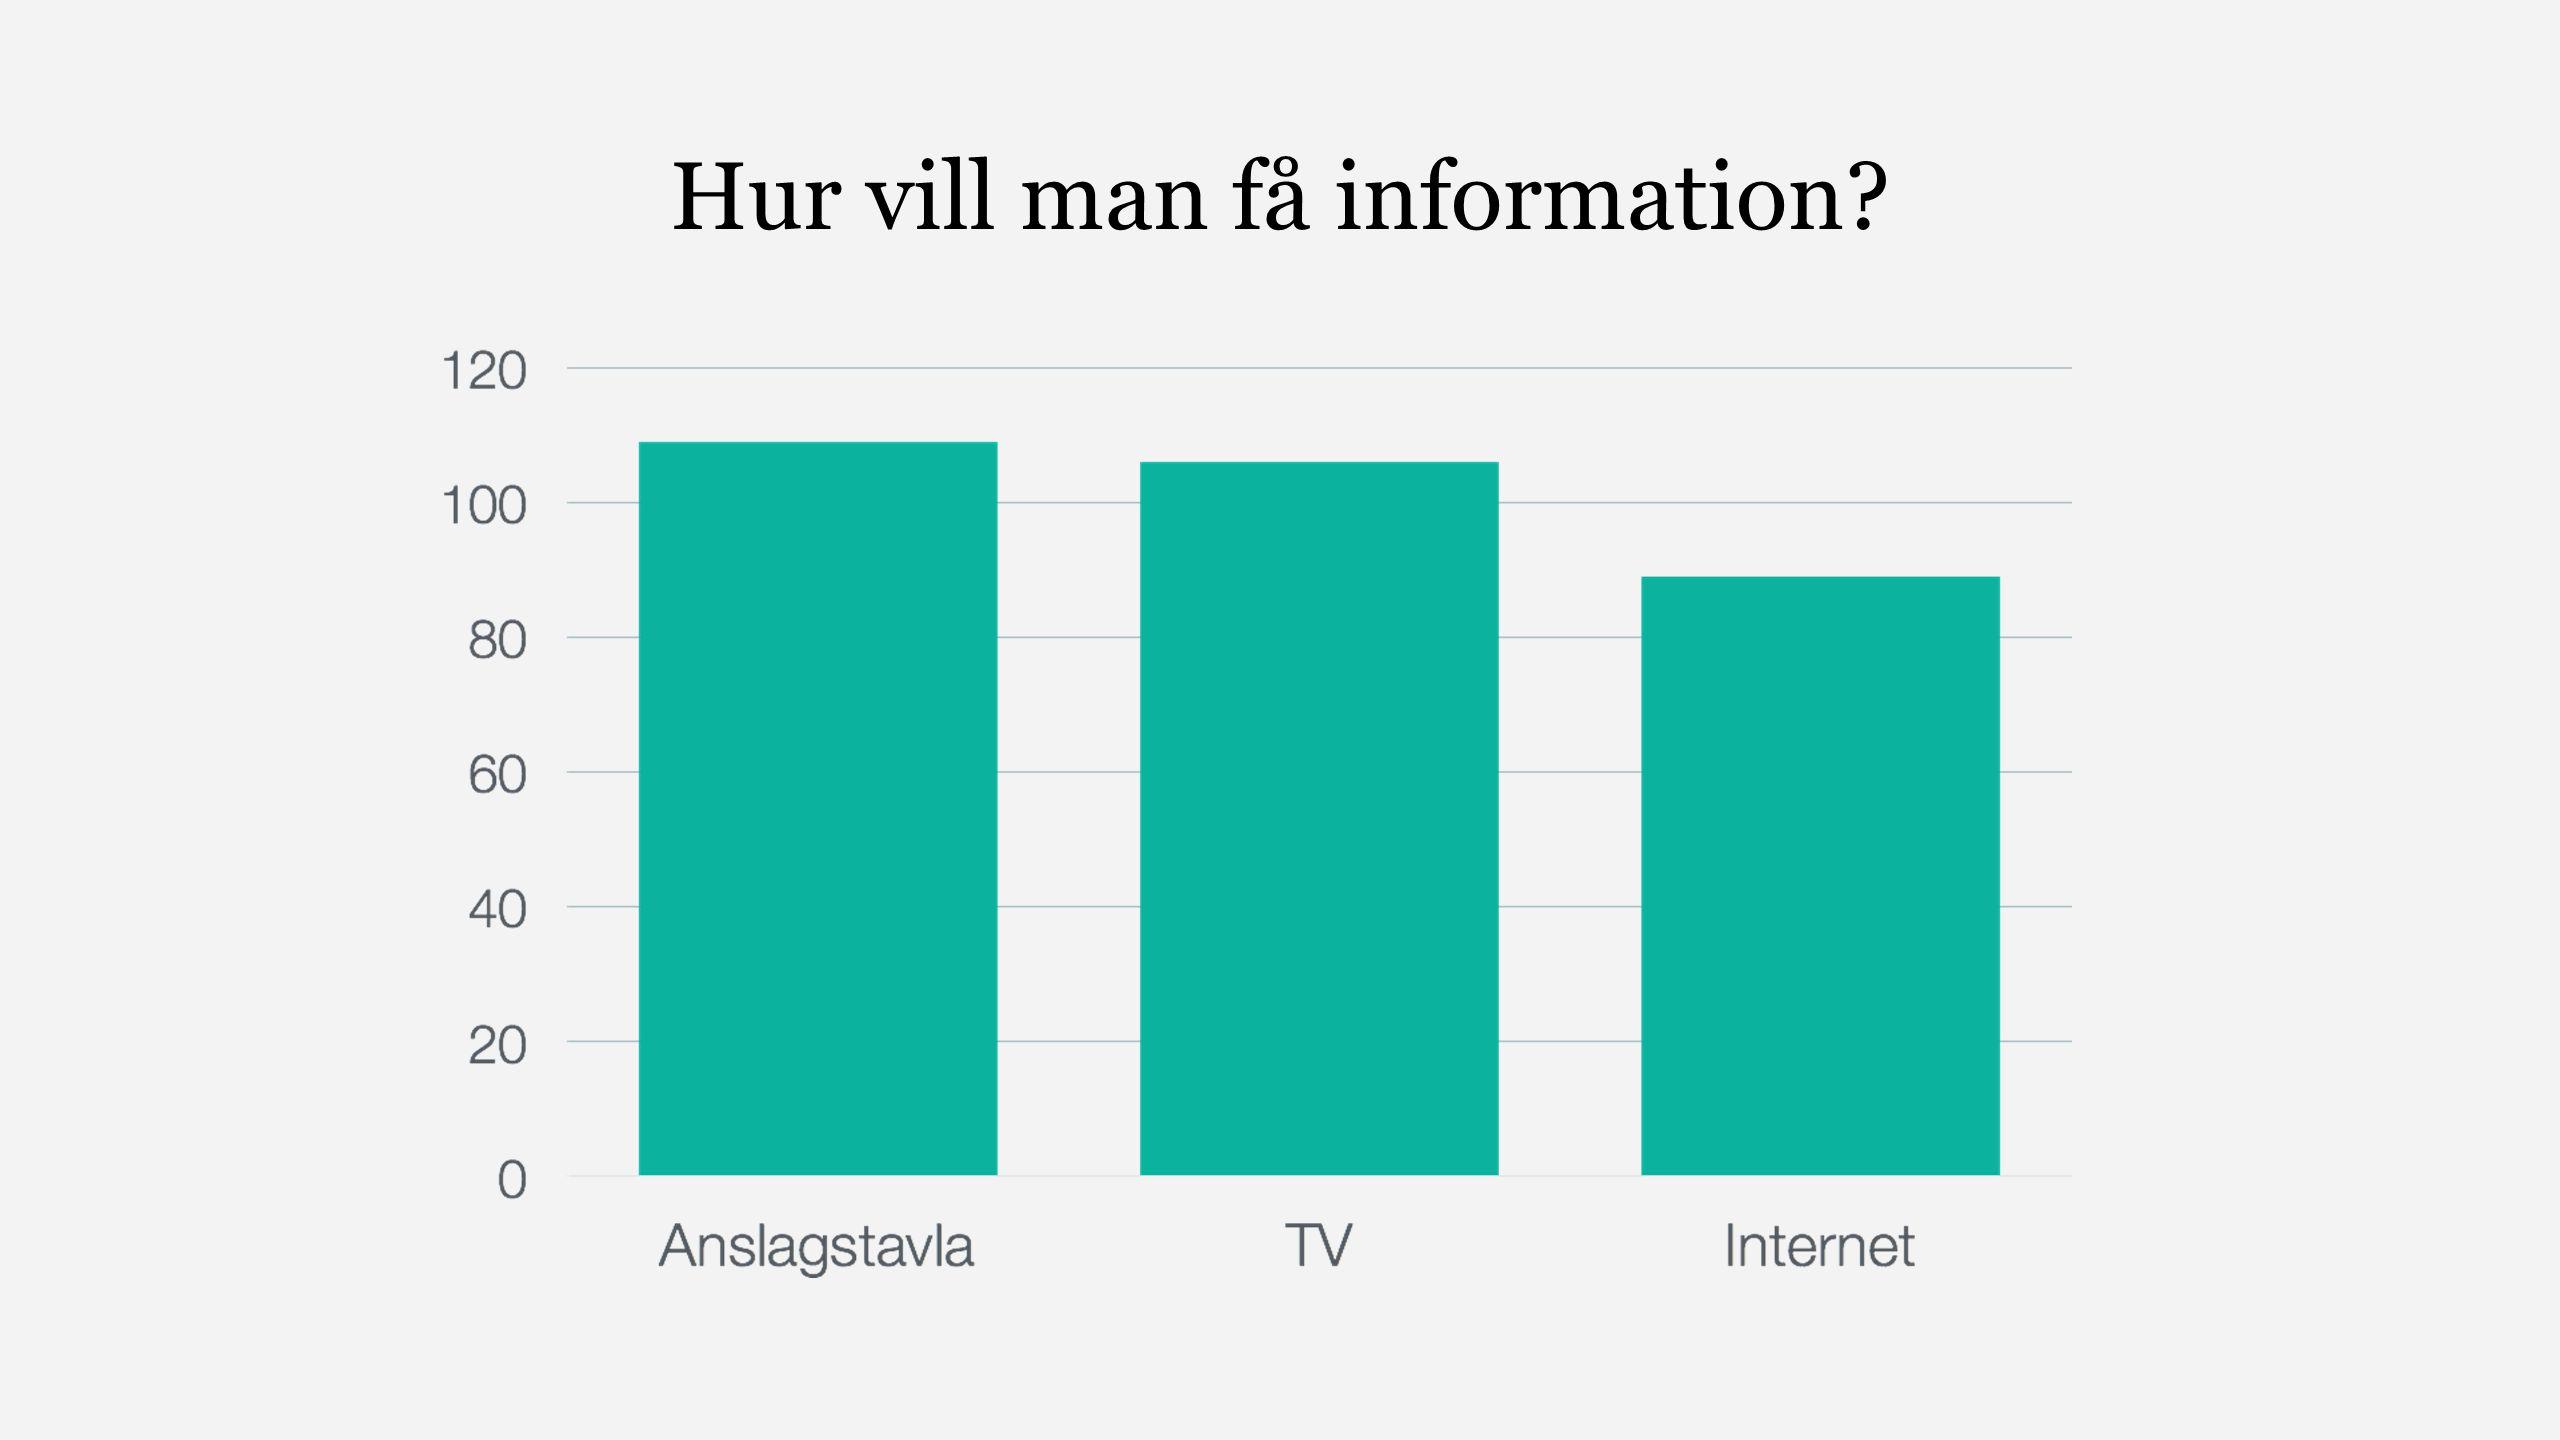 Hur vill man få information